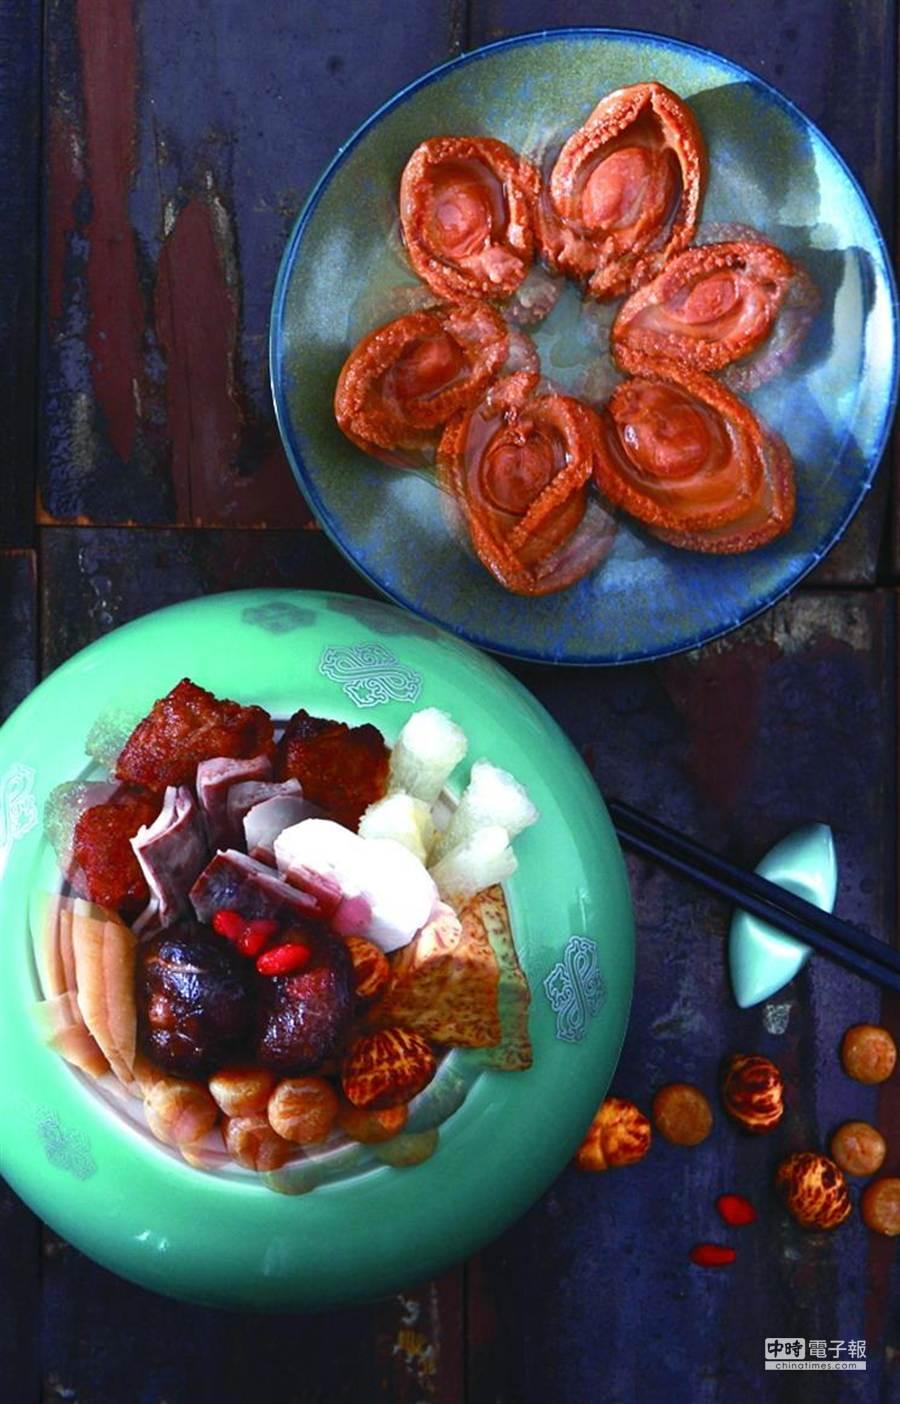 台北喜來登飯店〈請客樓〉推出的〈鴻運佛跳牆〉,使用了多種高檔食材入饌。(圖/台北喜來登飯店)